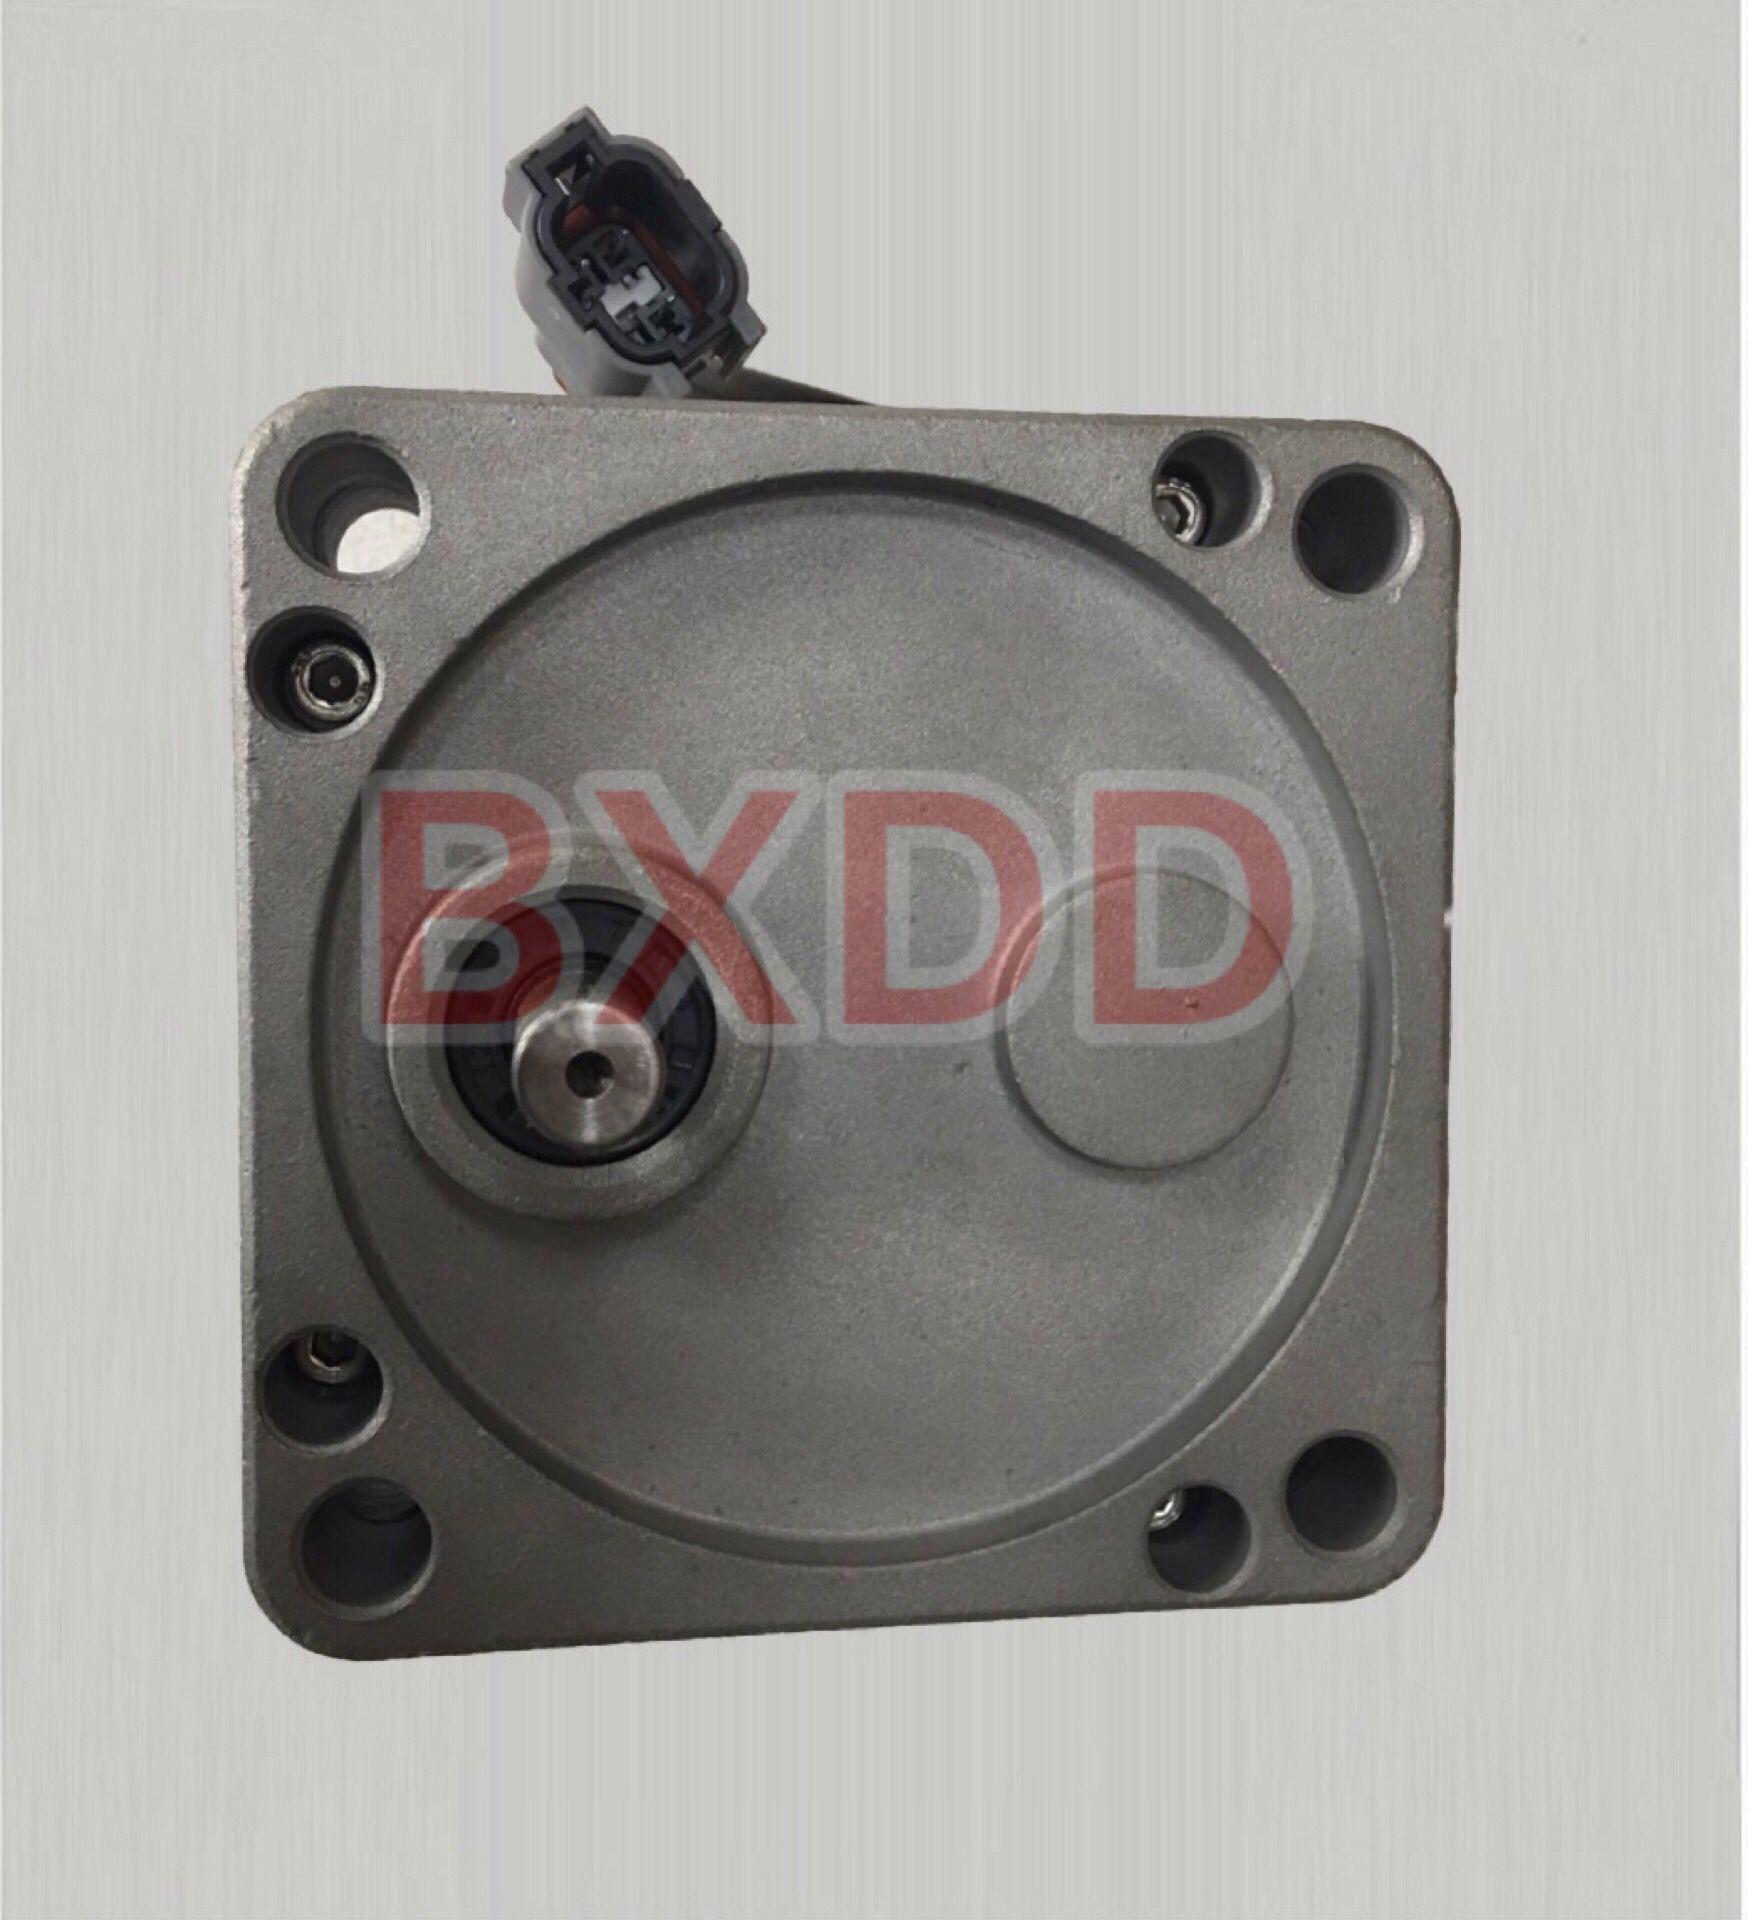 EX300-3 Hitachi 굴삭기 스로틀 모터 4257163 4188762 EX100-1 EX100-2 EX100-3 Hitachi 굴삭기 스로틀 모터 4257163 4188762